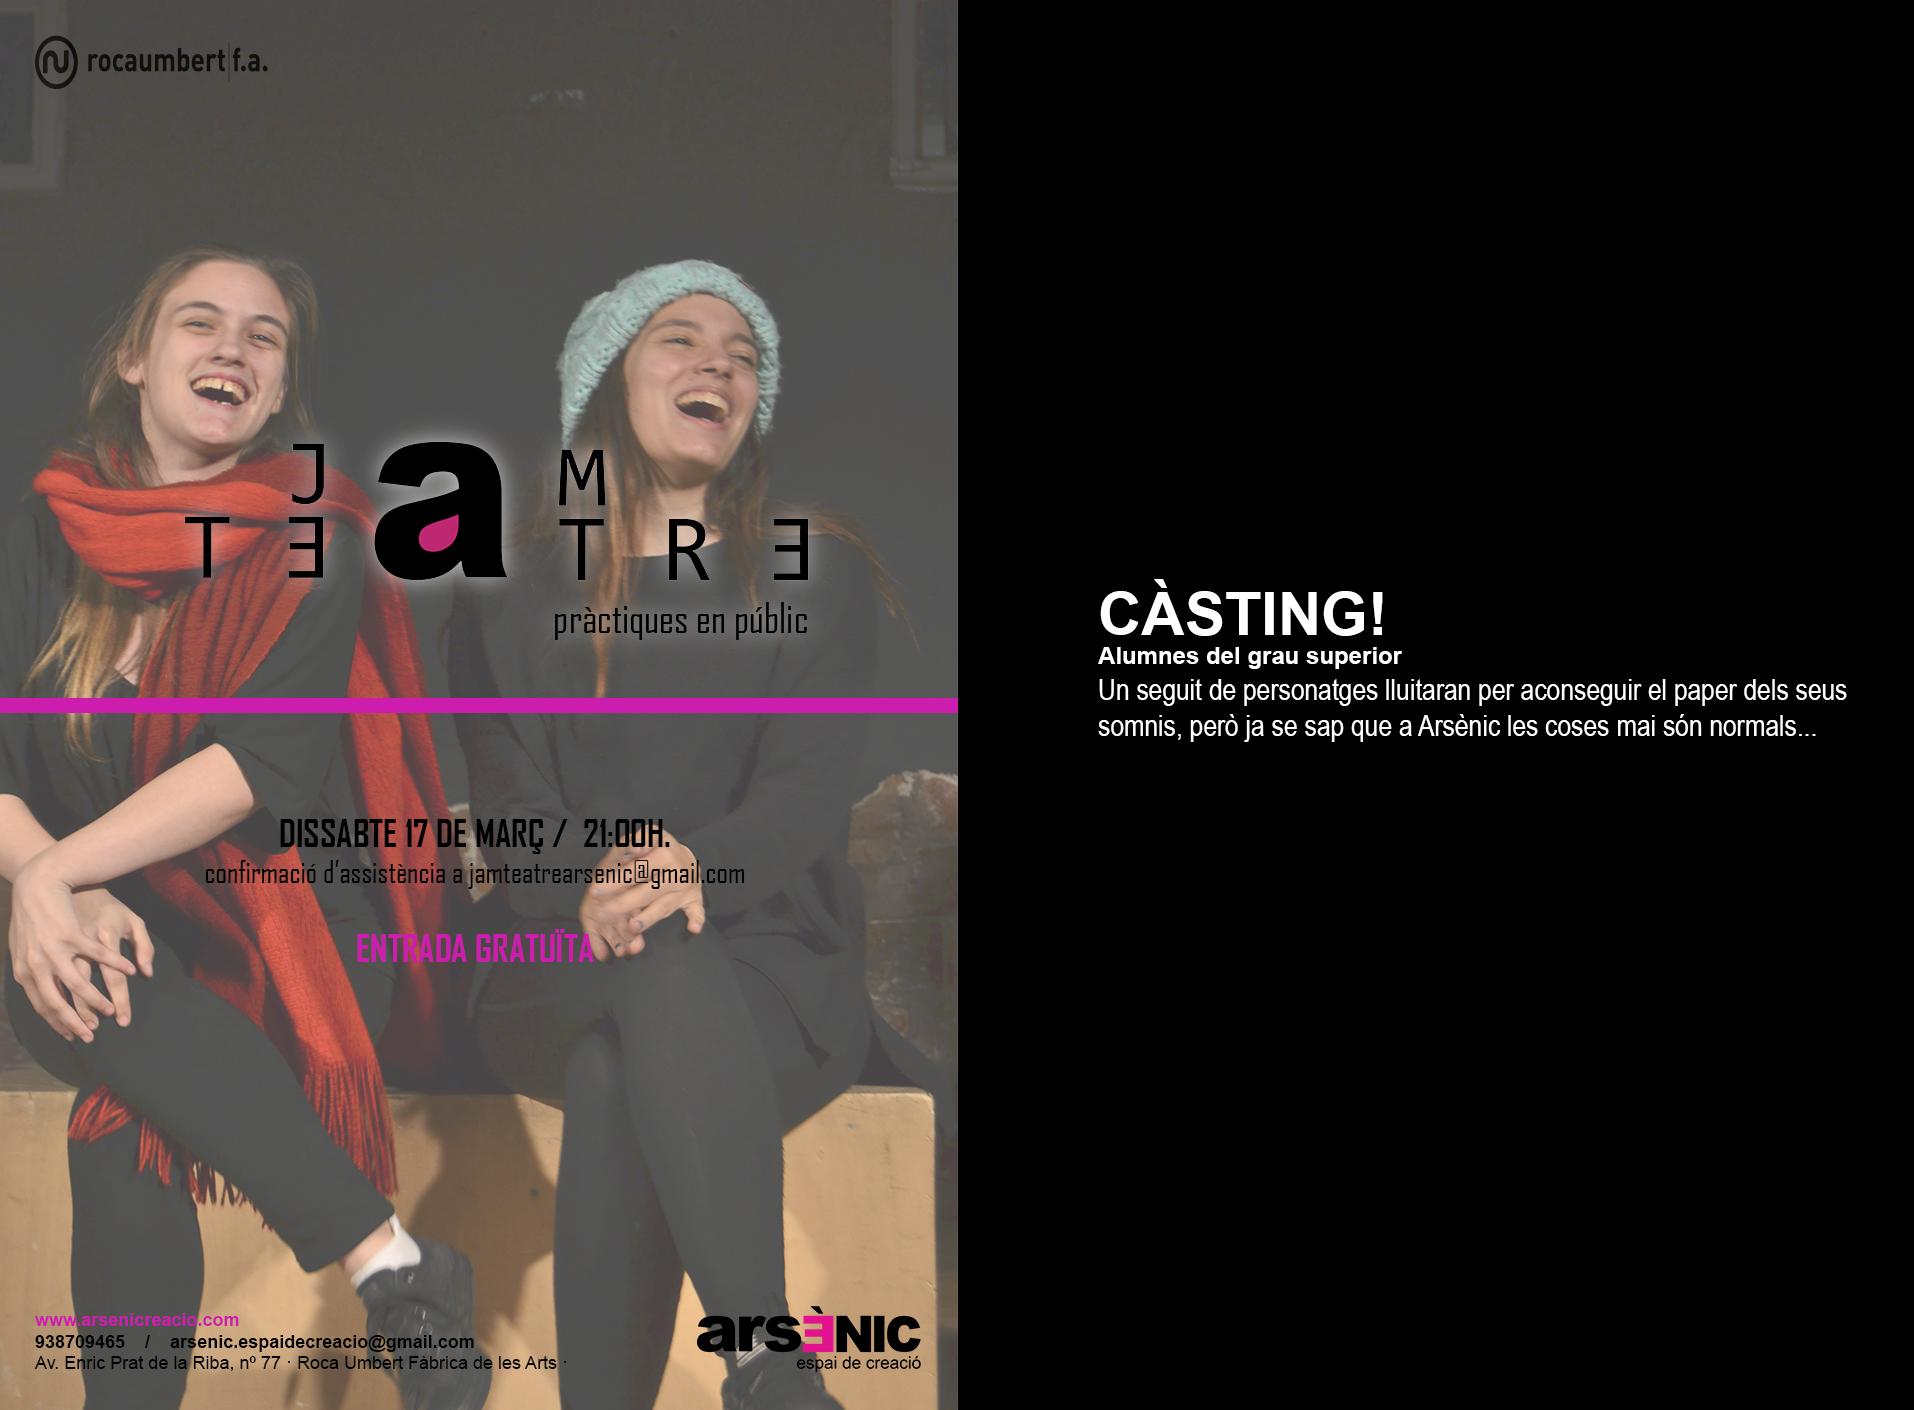 jam de teatre casting